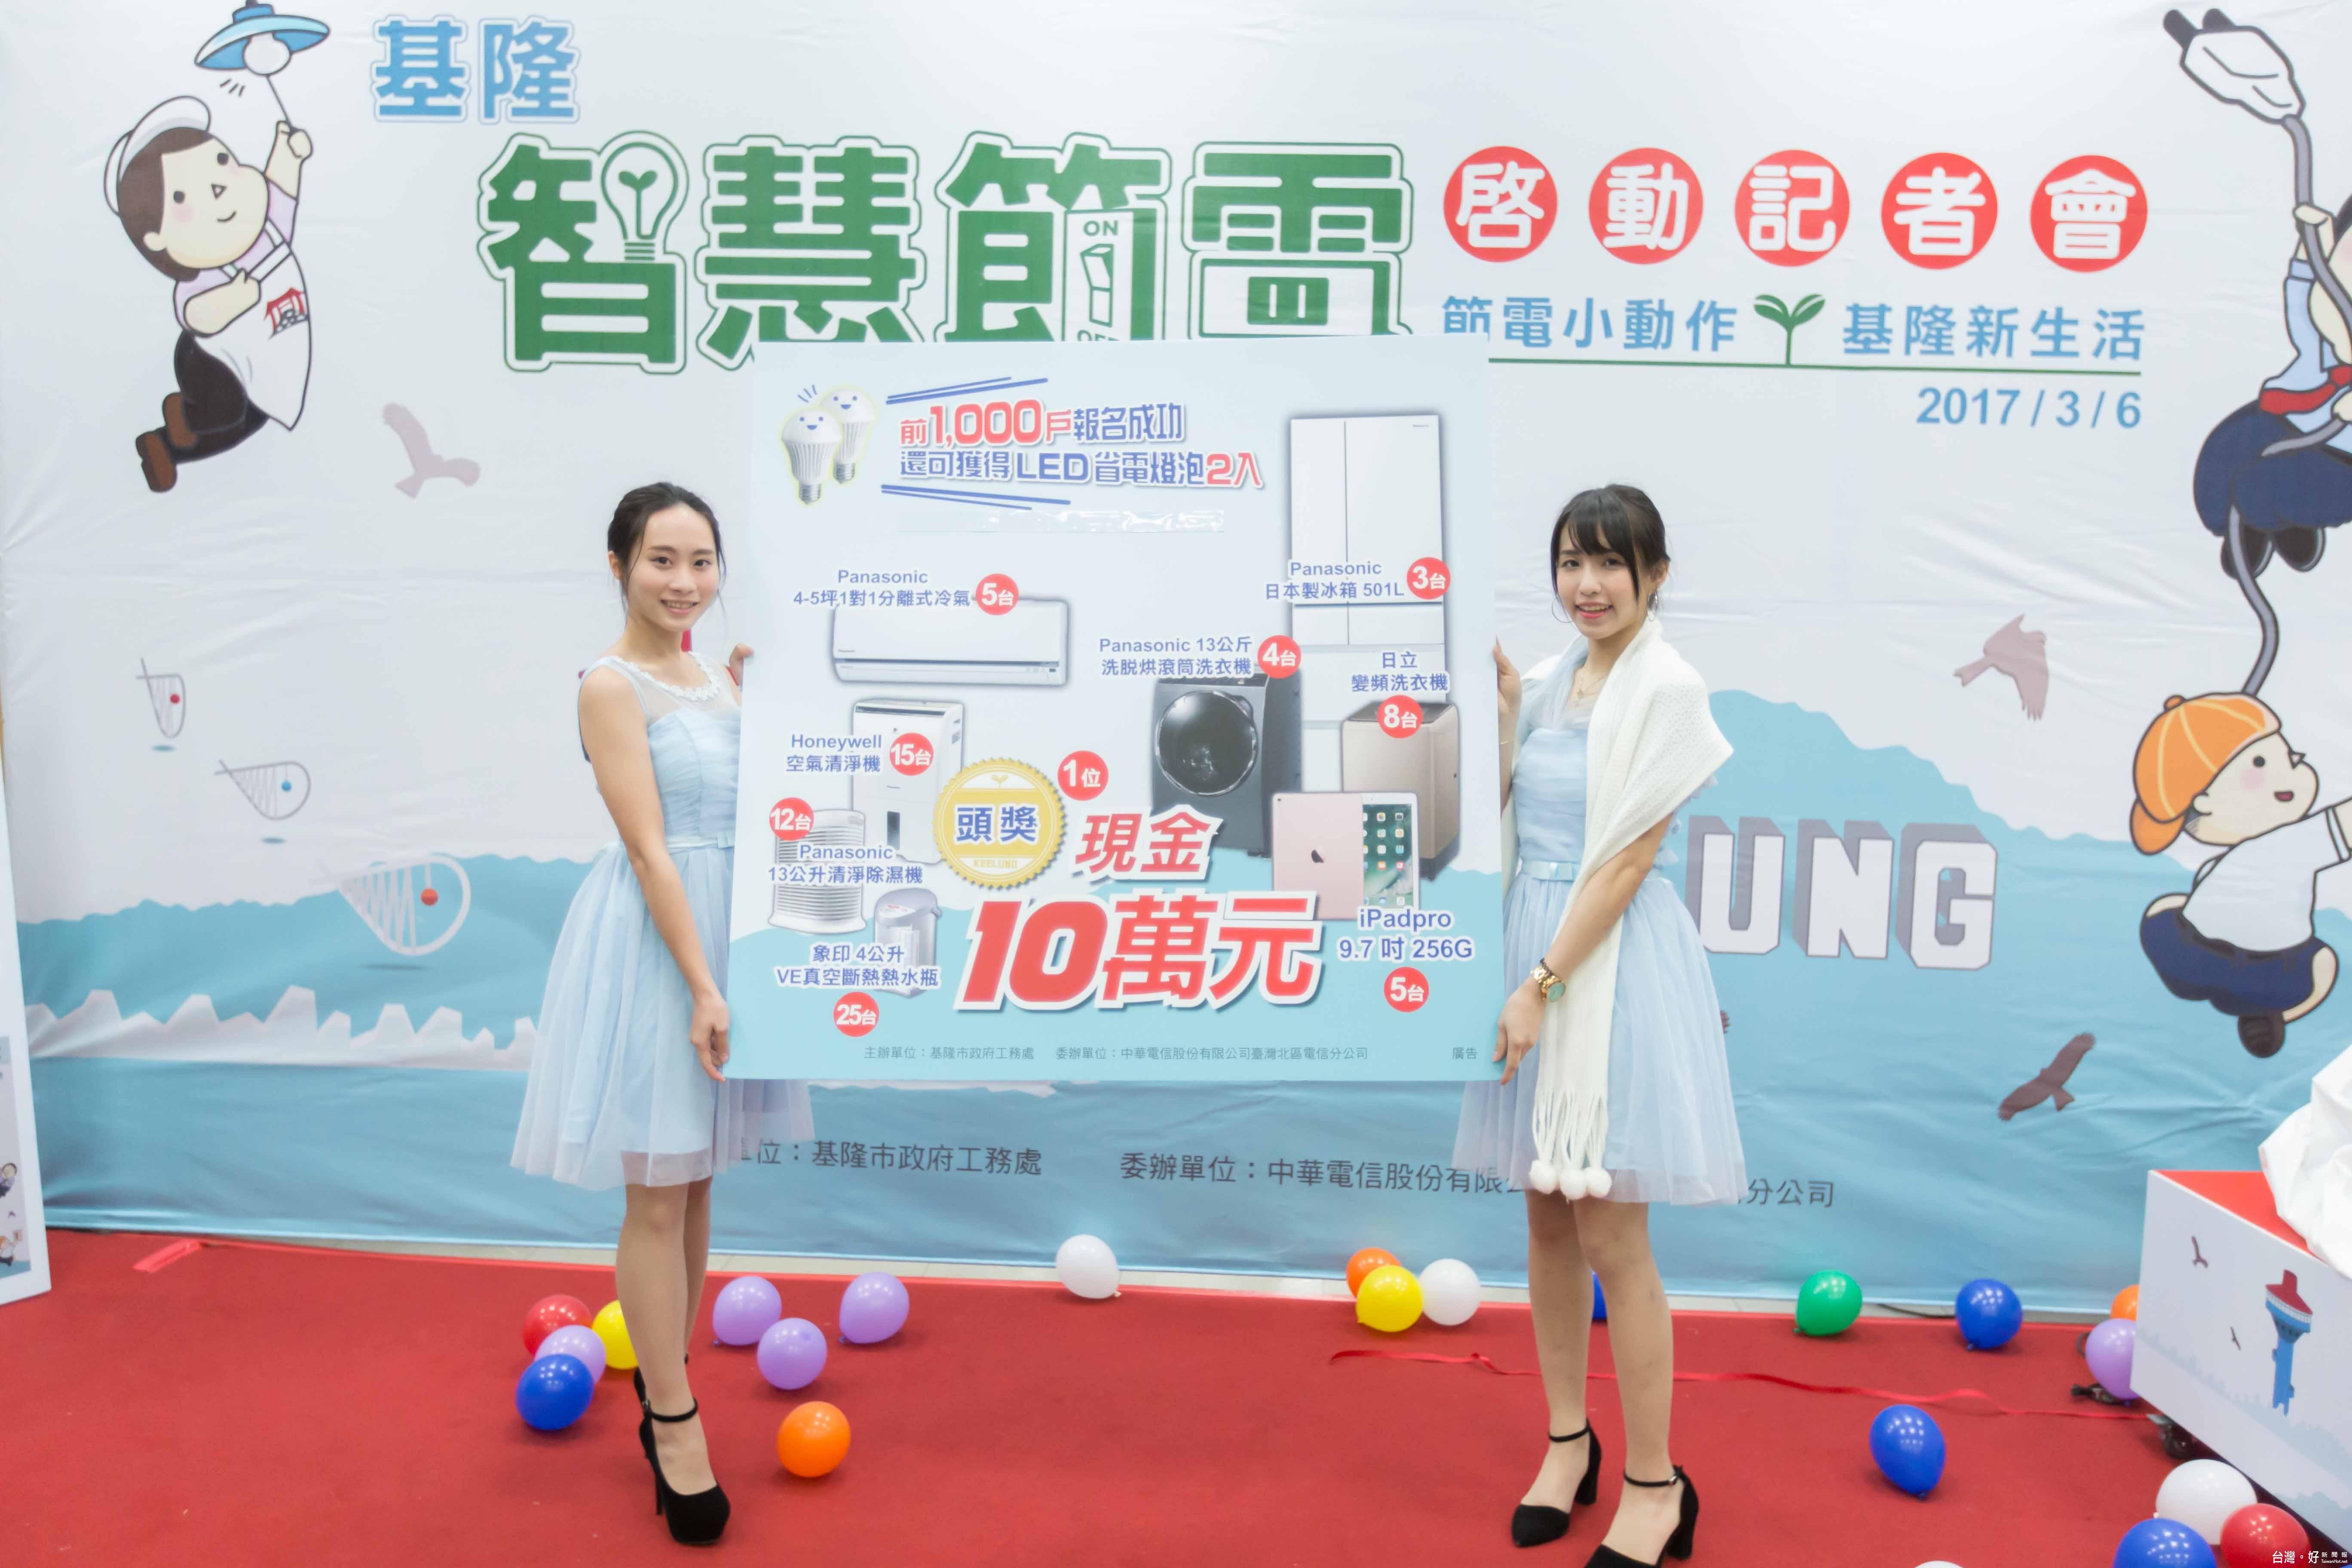 拼節電救地球 基市智慧節電競賽祭出10萬獎金